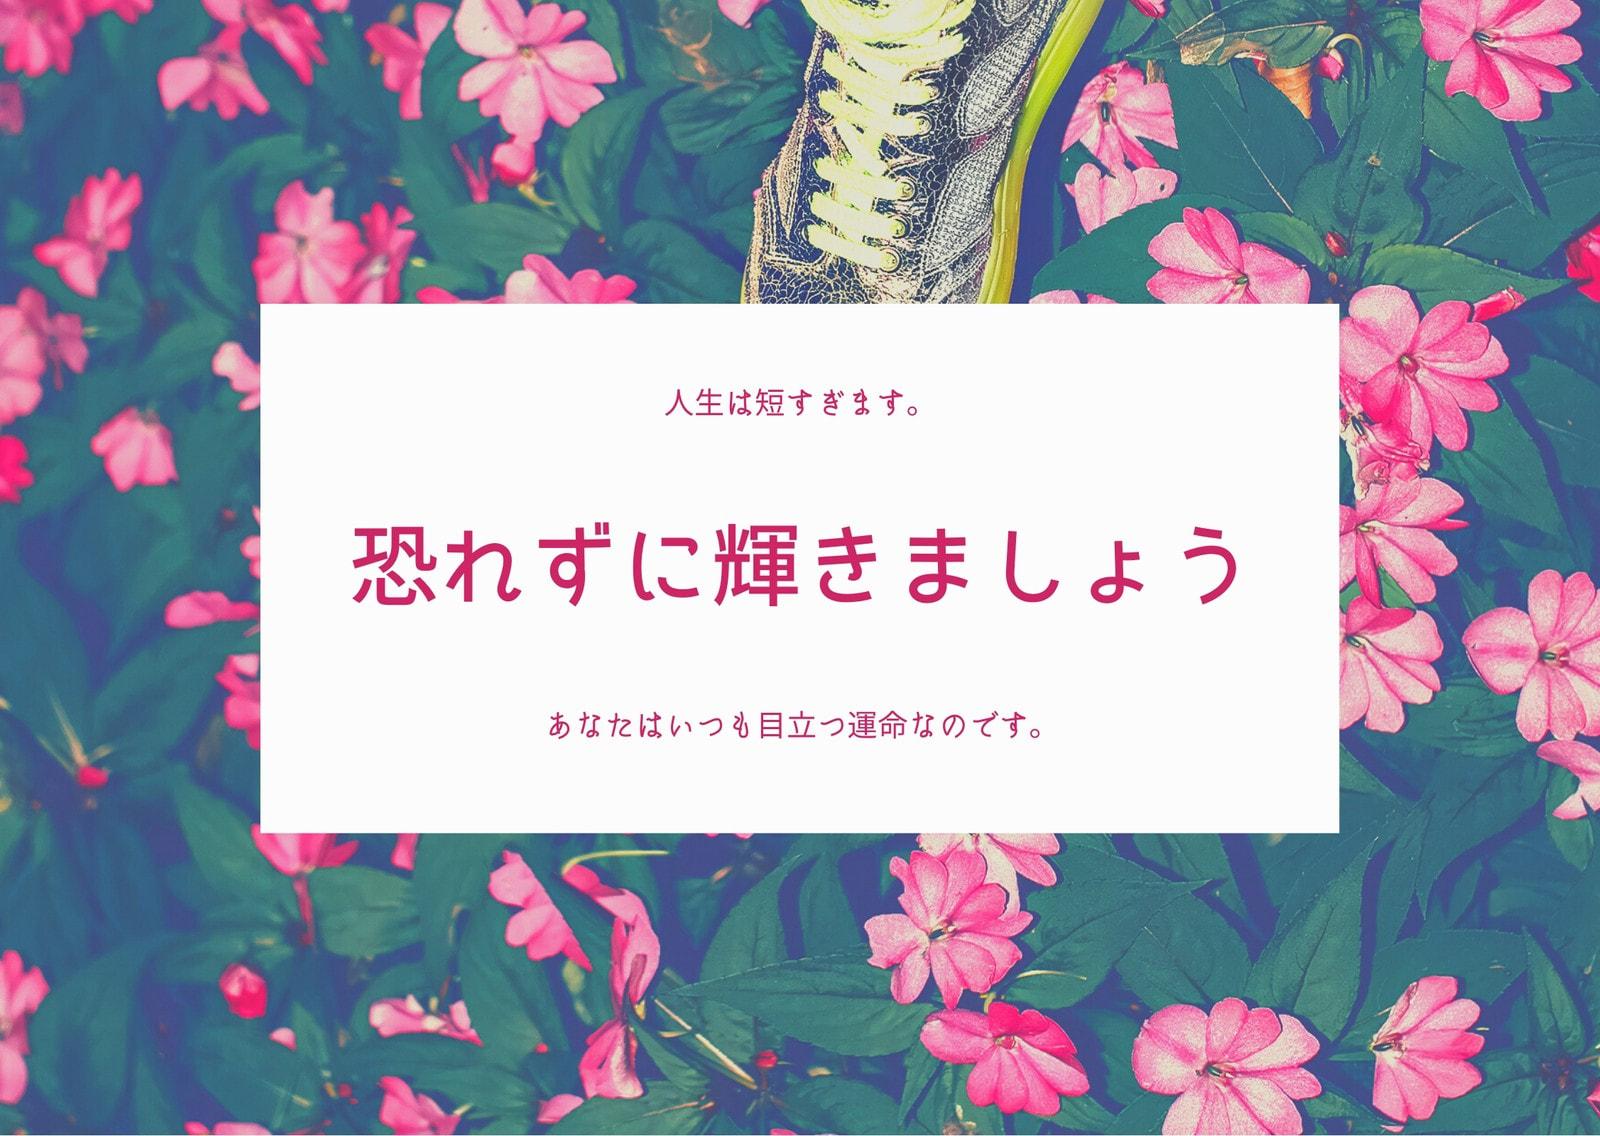 赤 花の絵 引用 ポストカード